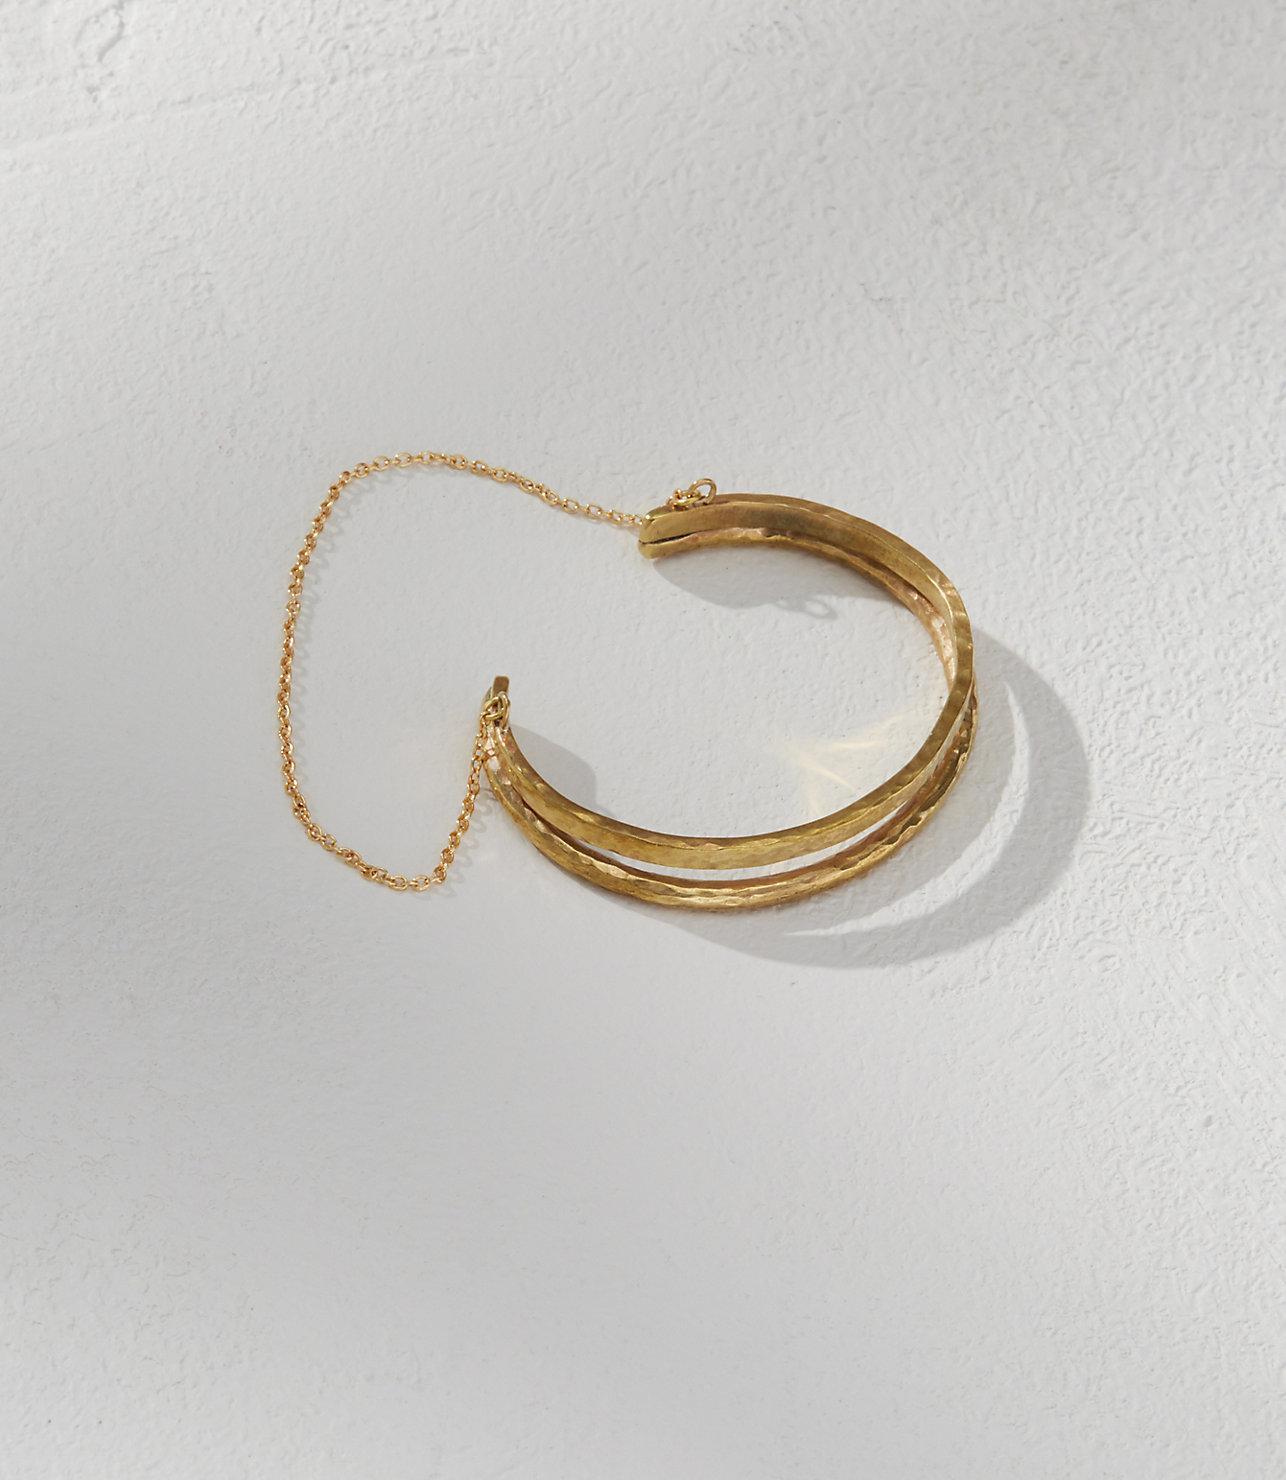 Soko Double Delicate Chain Bracelet S Brass UjOzDjzB9L